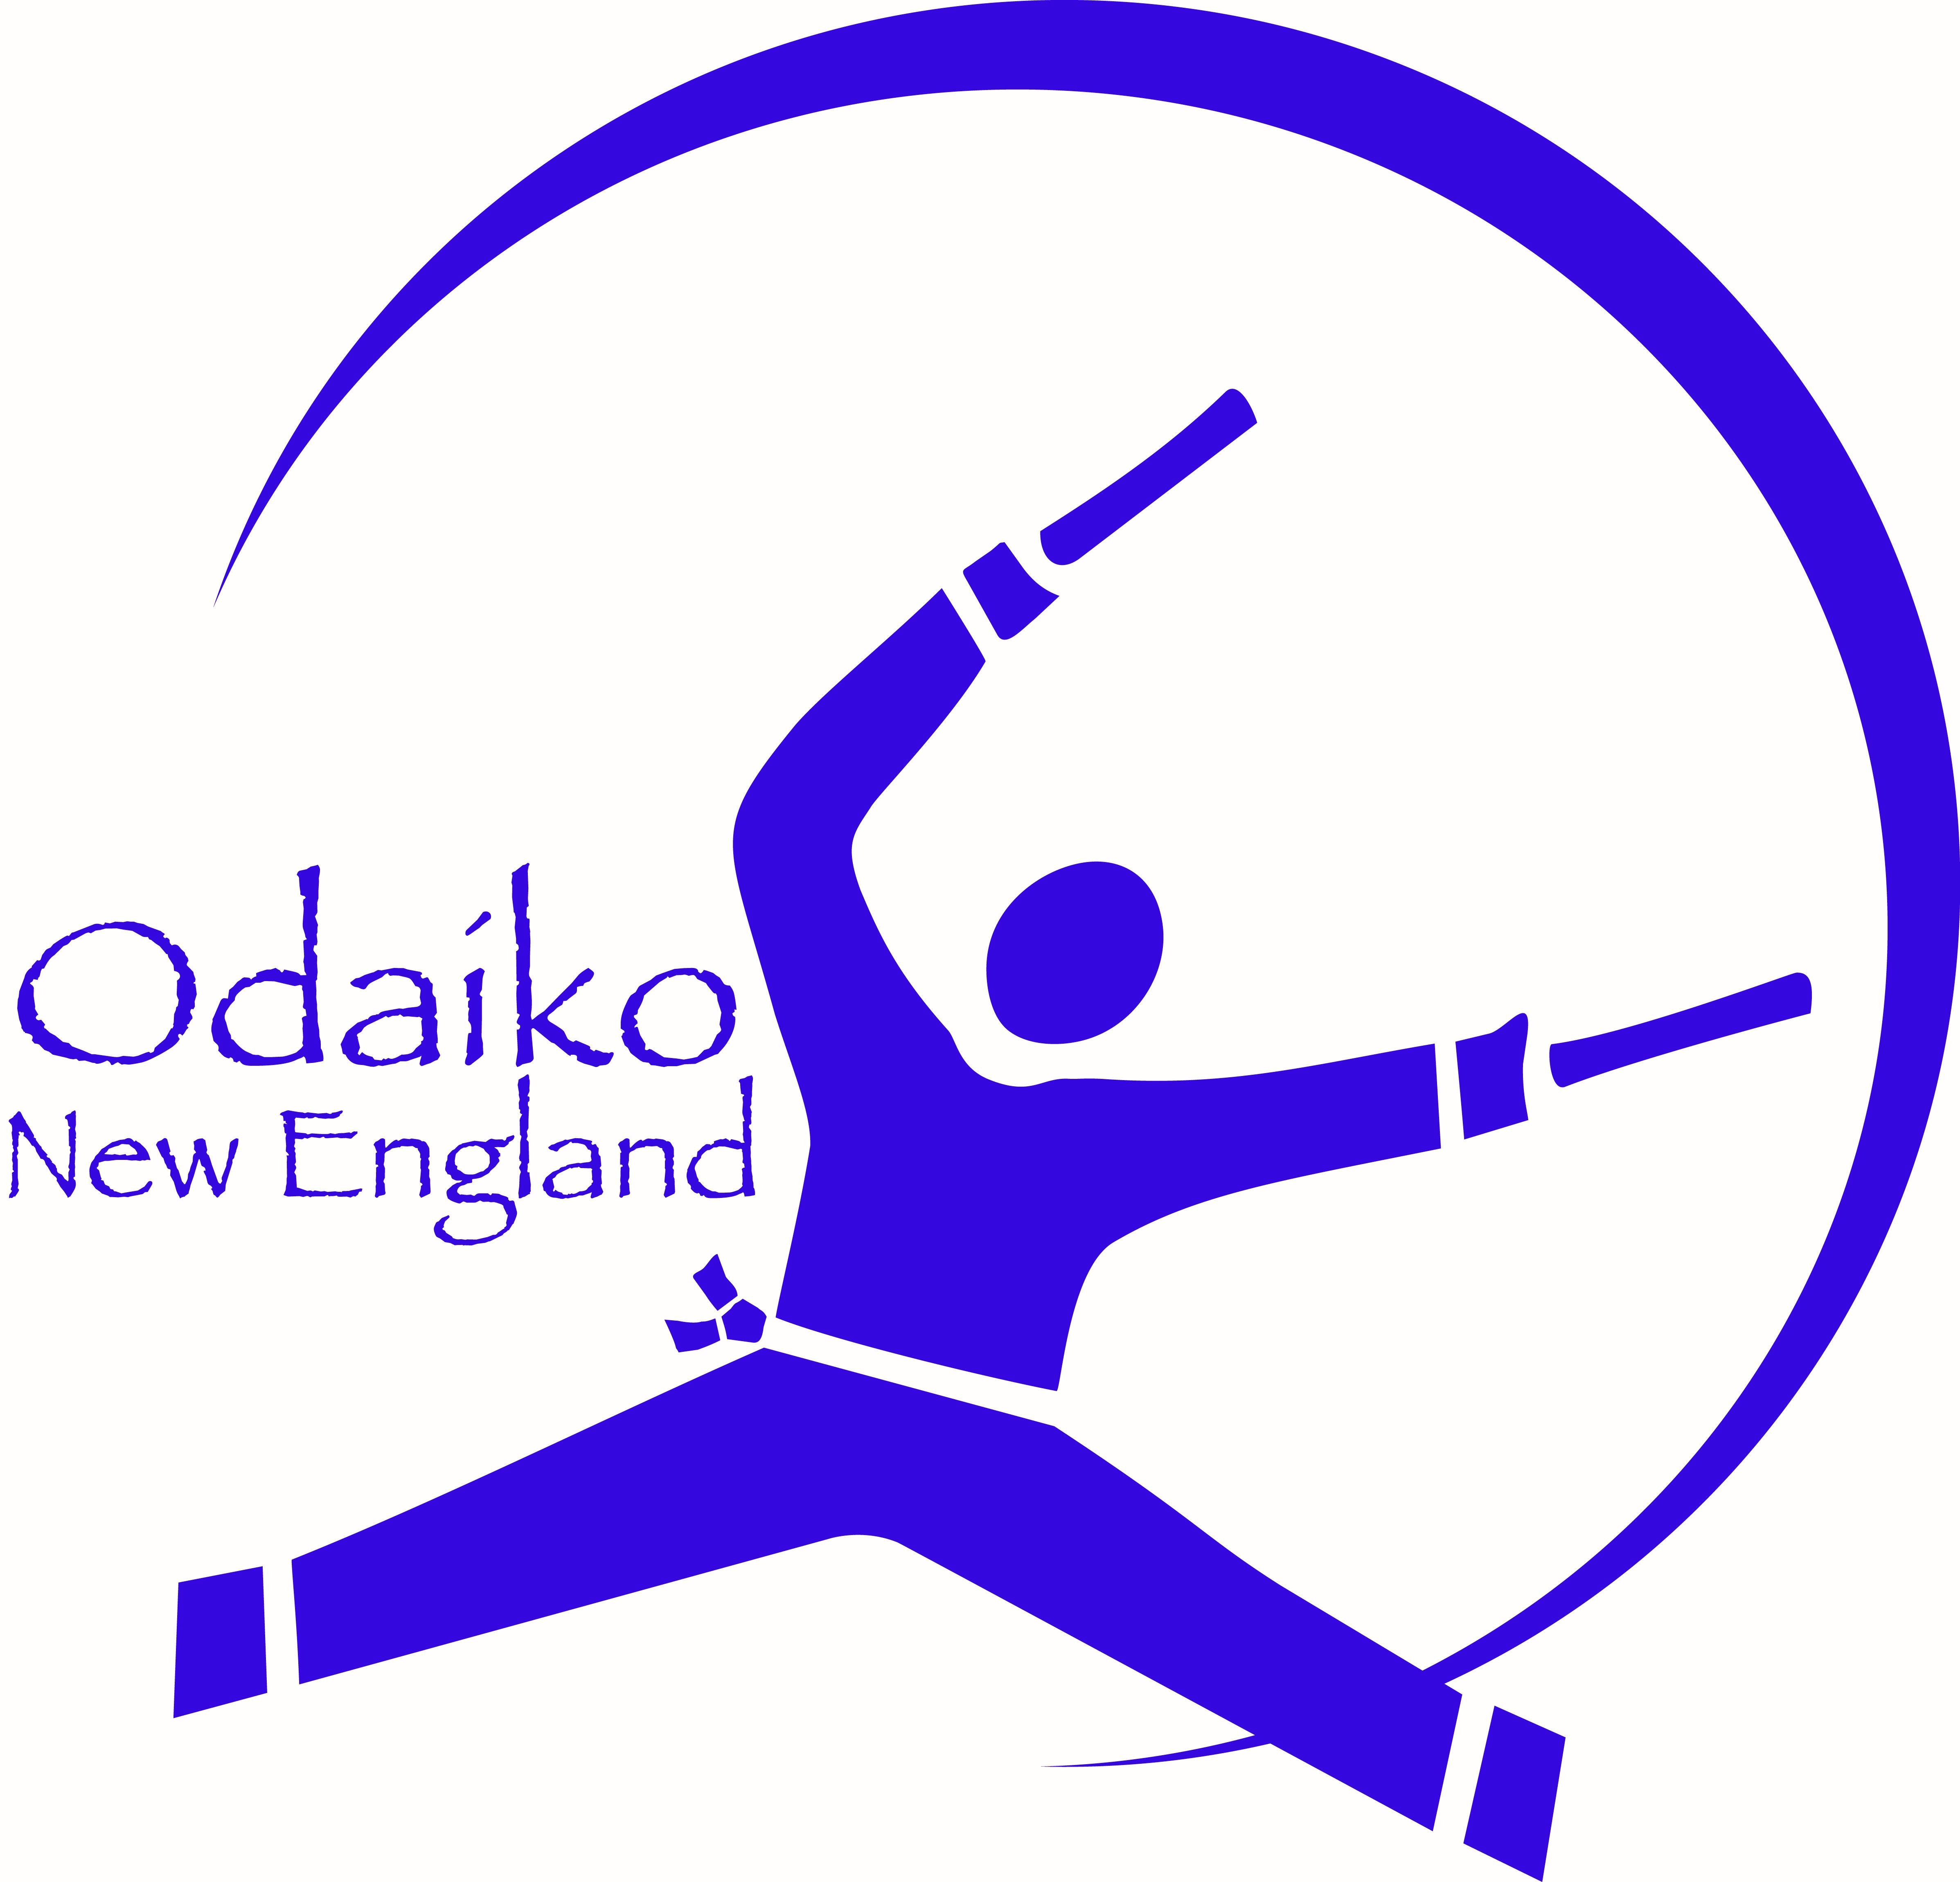 Odaiko New England